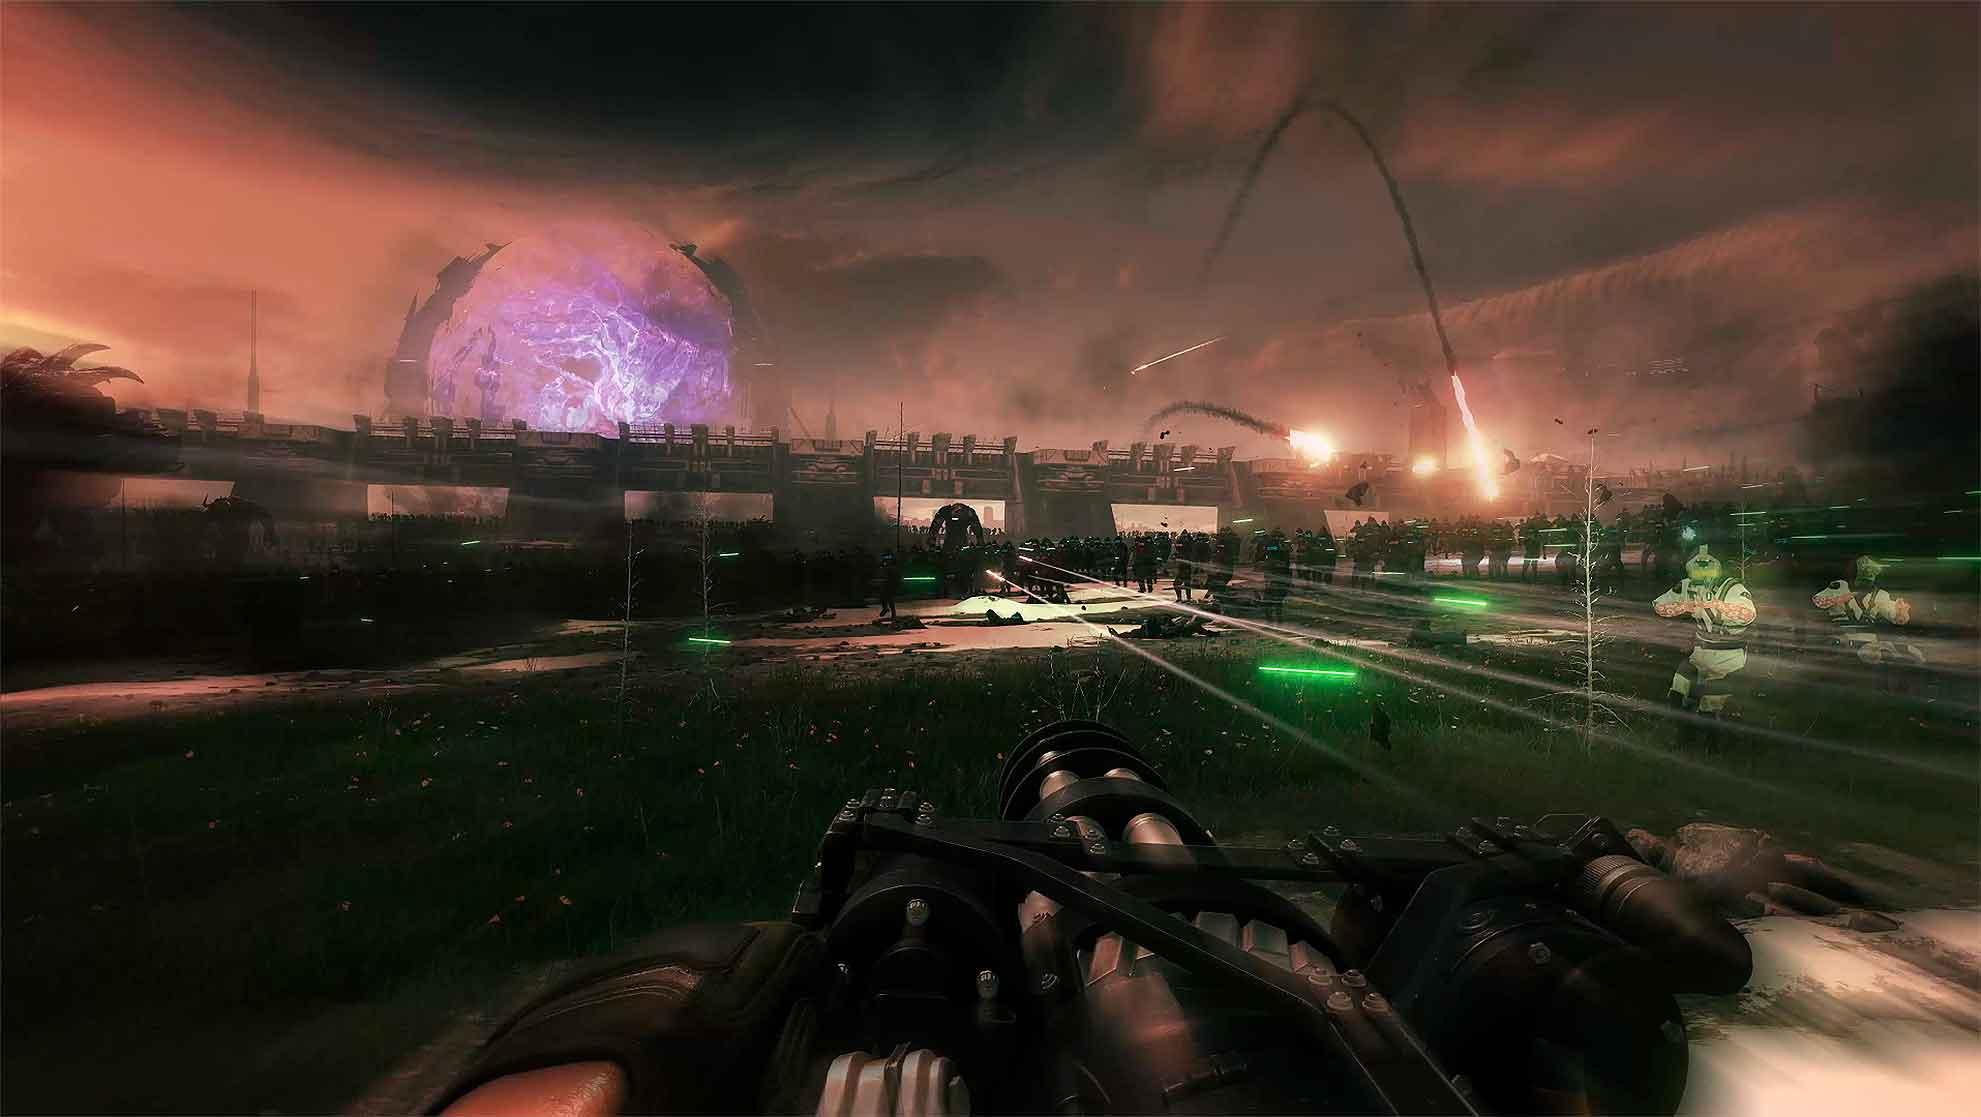 """Демонстрация """"Системы Легионов"""" из Serious Sam 4 - десятки тысяч врагов на экране"""